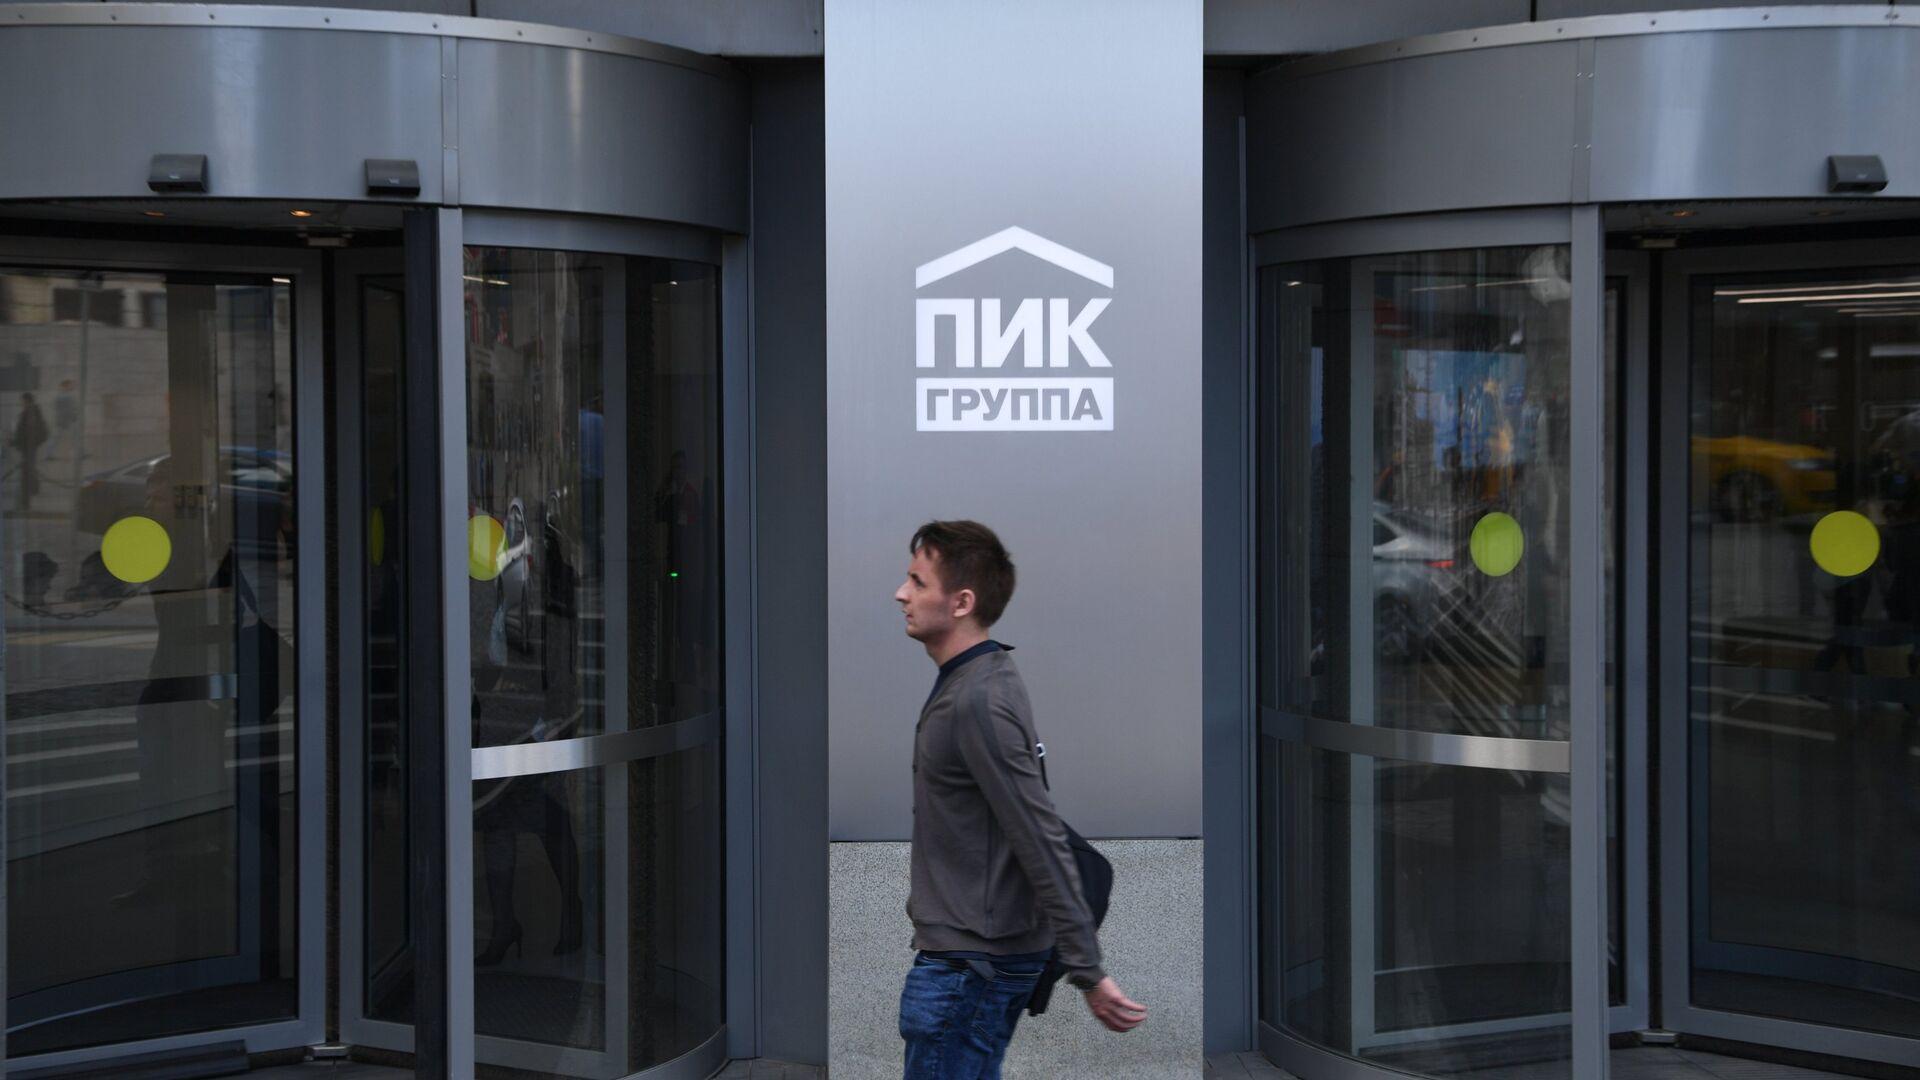 Главный вход в здание группы компаний ПИК - РИА Новости, 1920, 30.10.2020